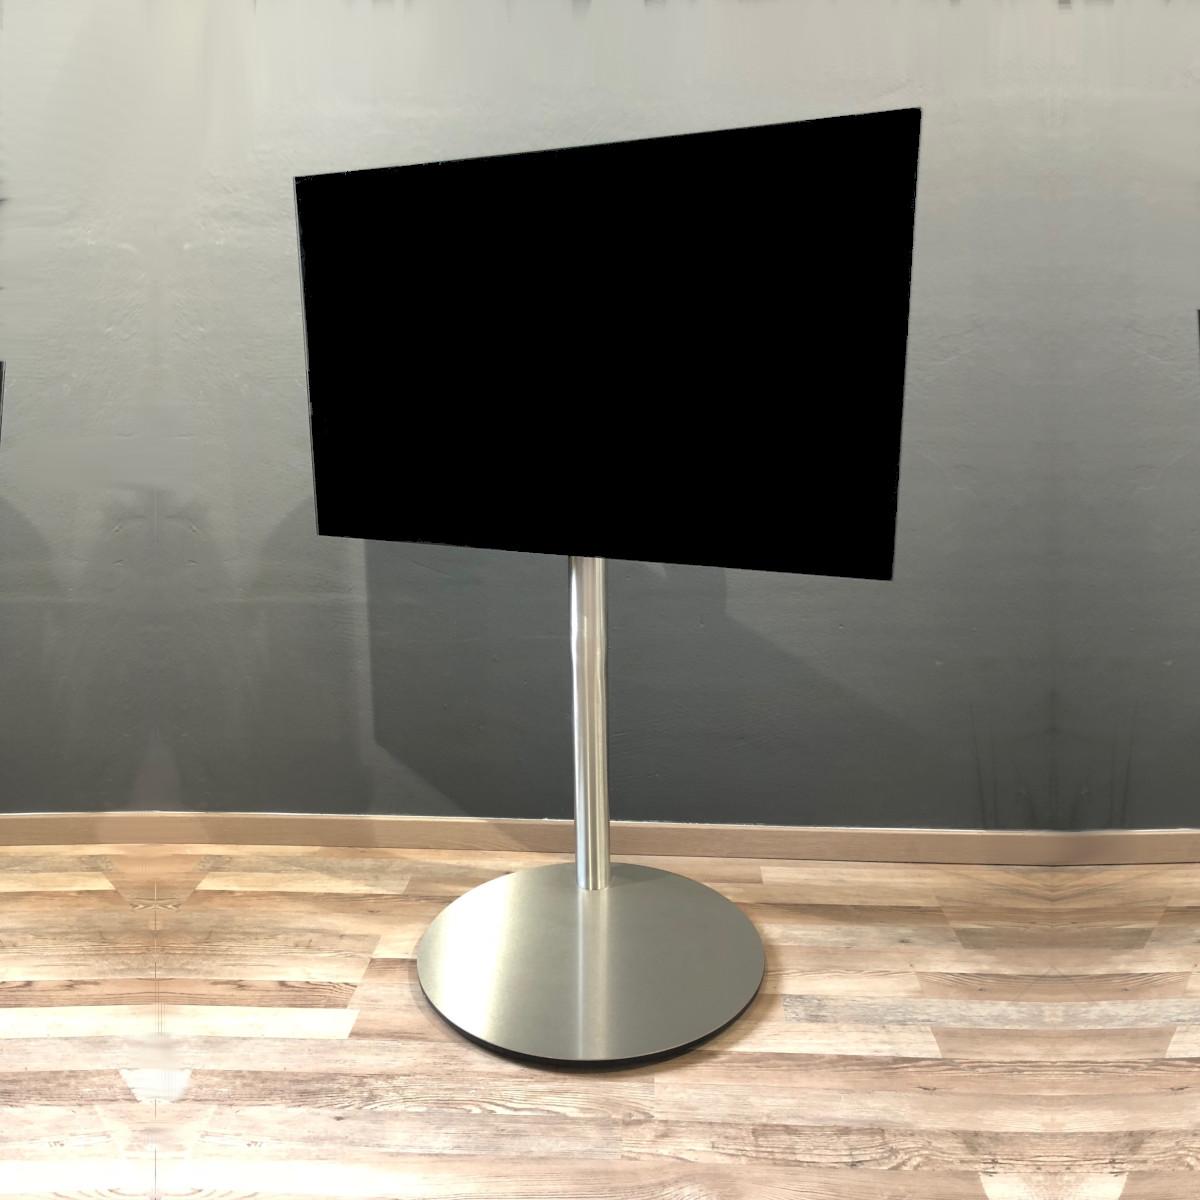 Designer Fernsehhalter aus Edelstahl, rollbar und stabil. Wissmann Raumobjekte.